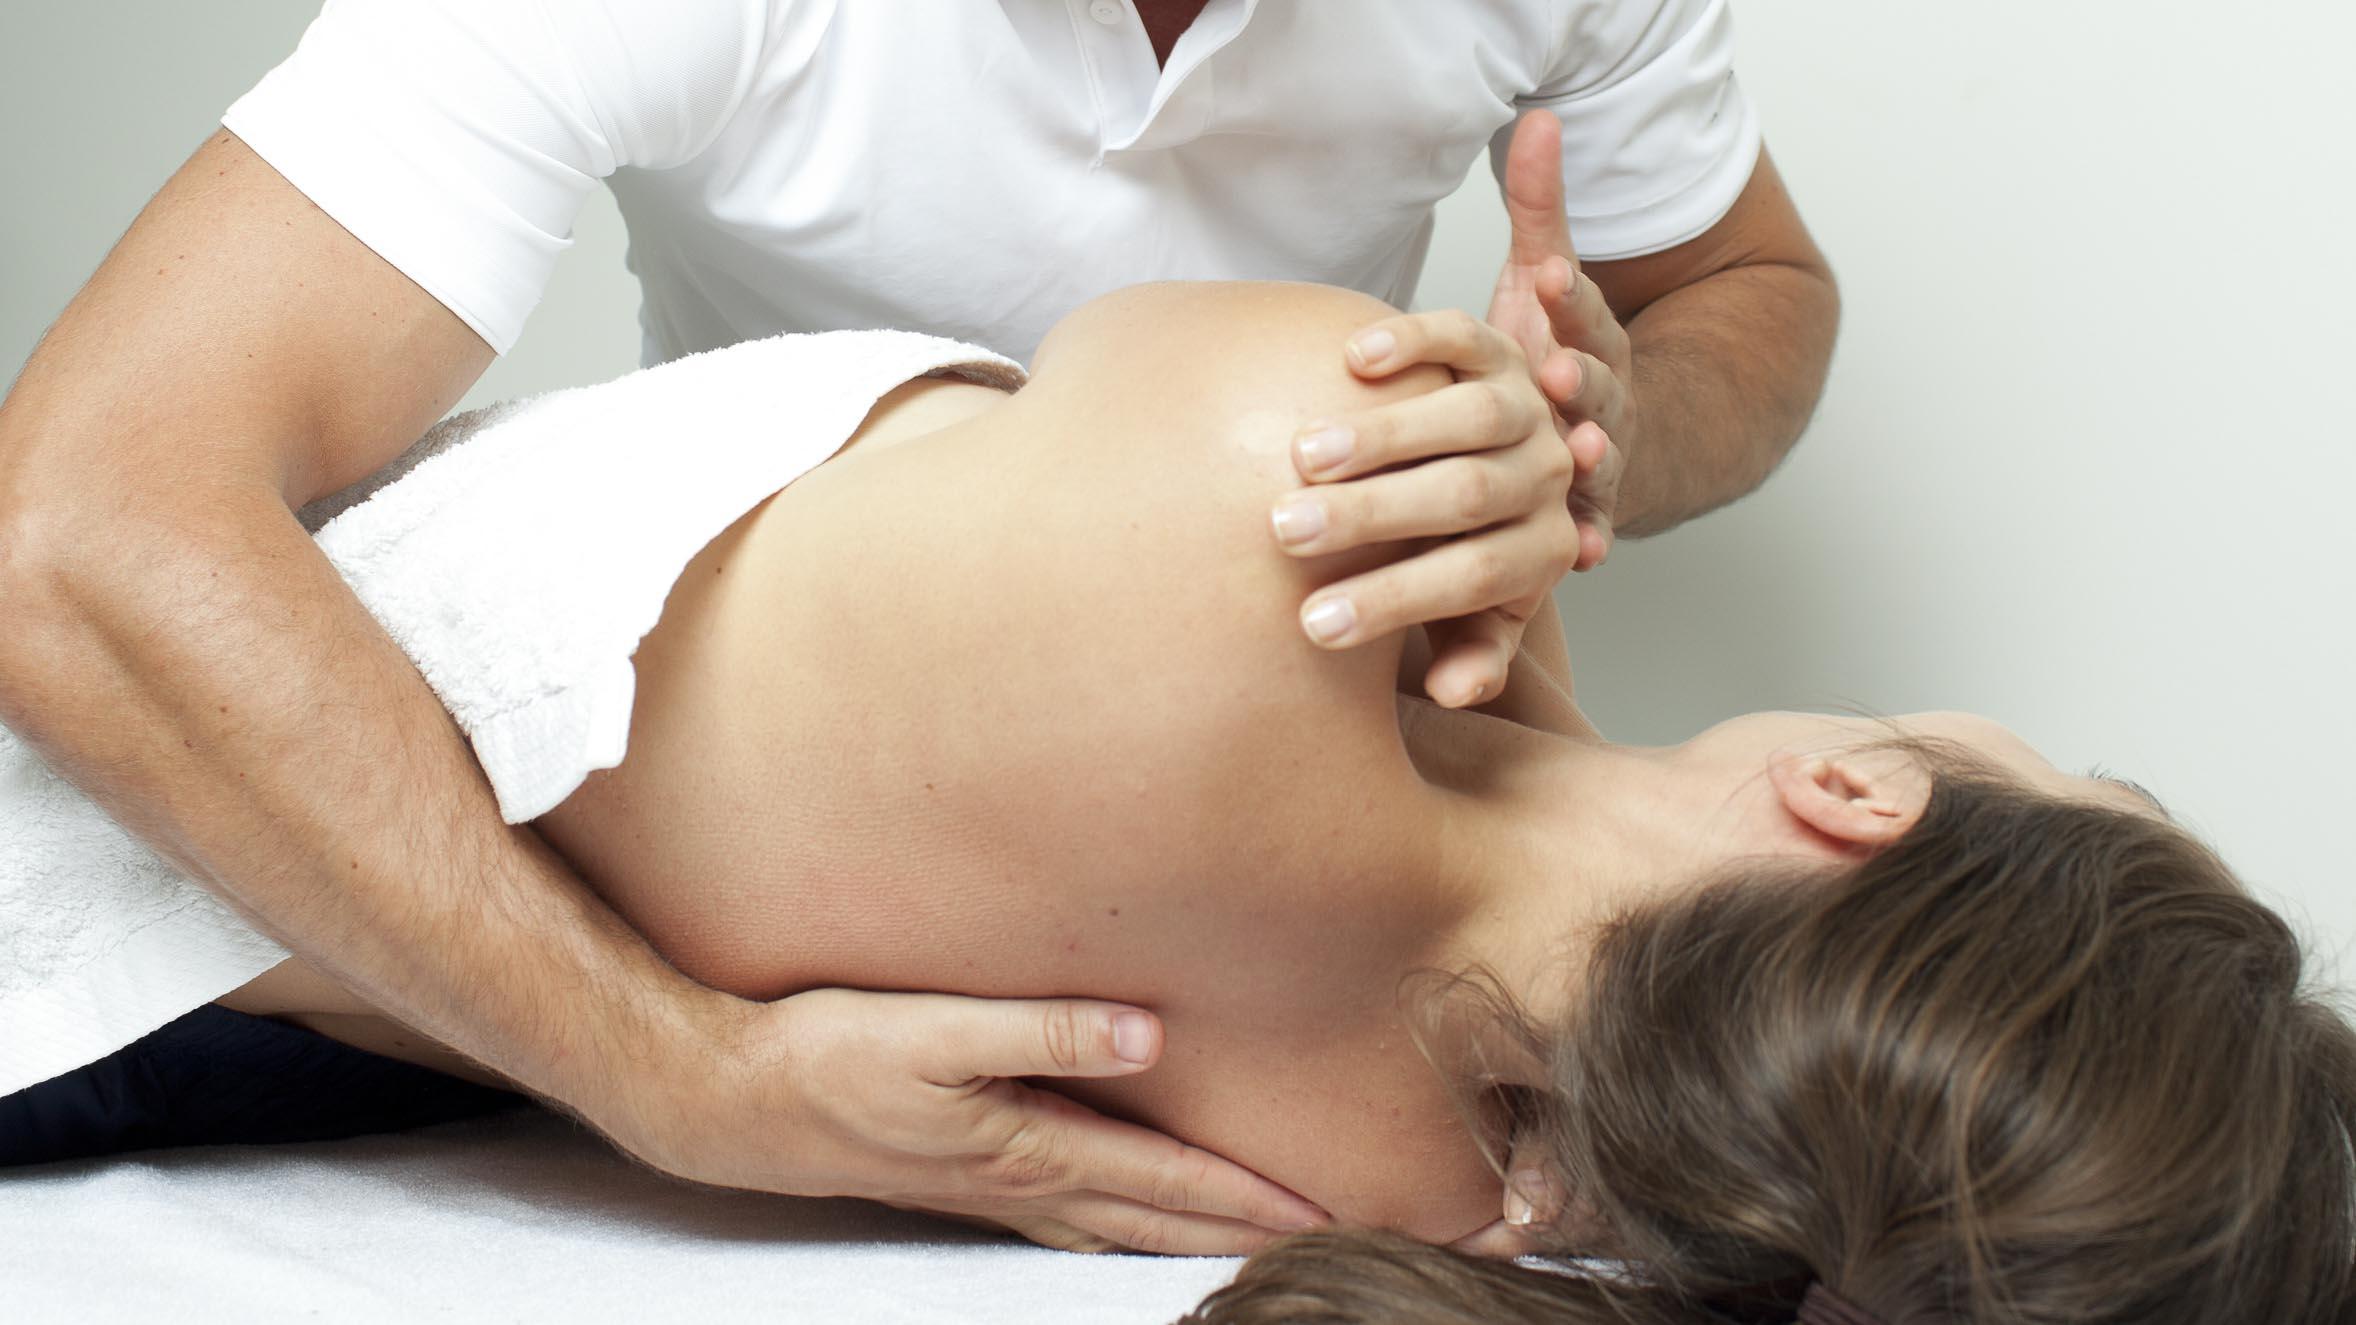 Douleurs après une séance d'ostéopathie - Ostéopathe Charenton